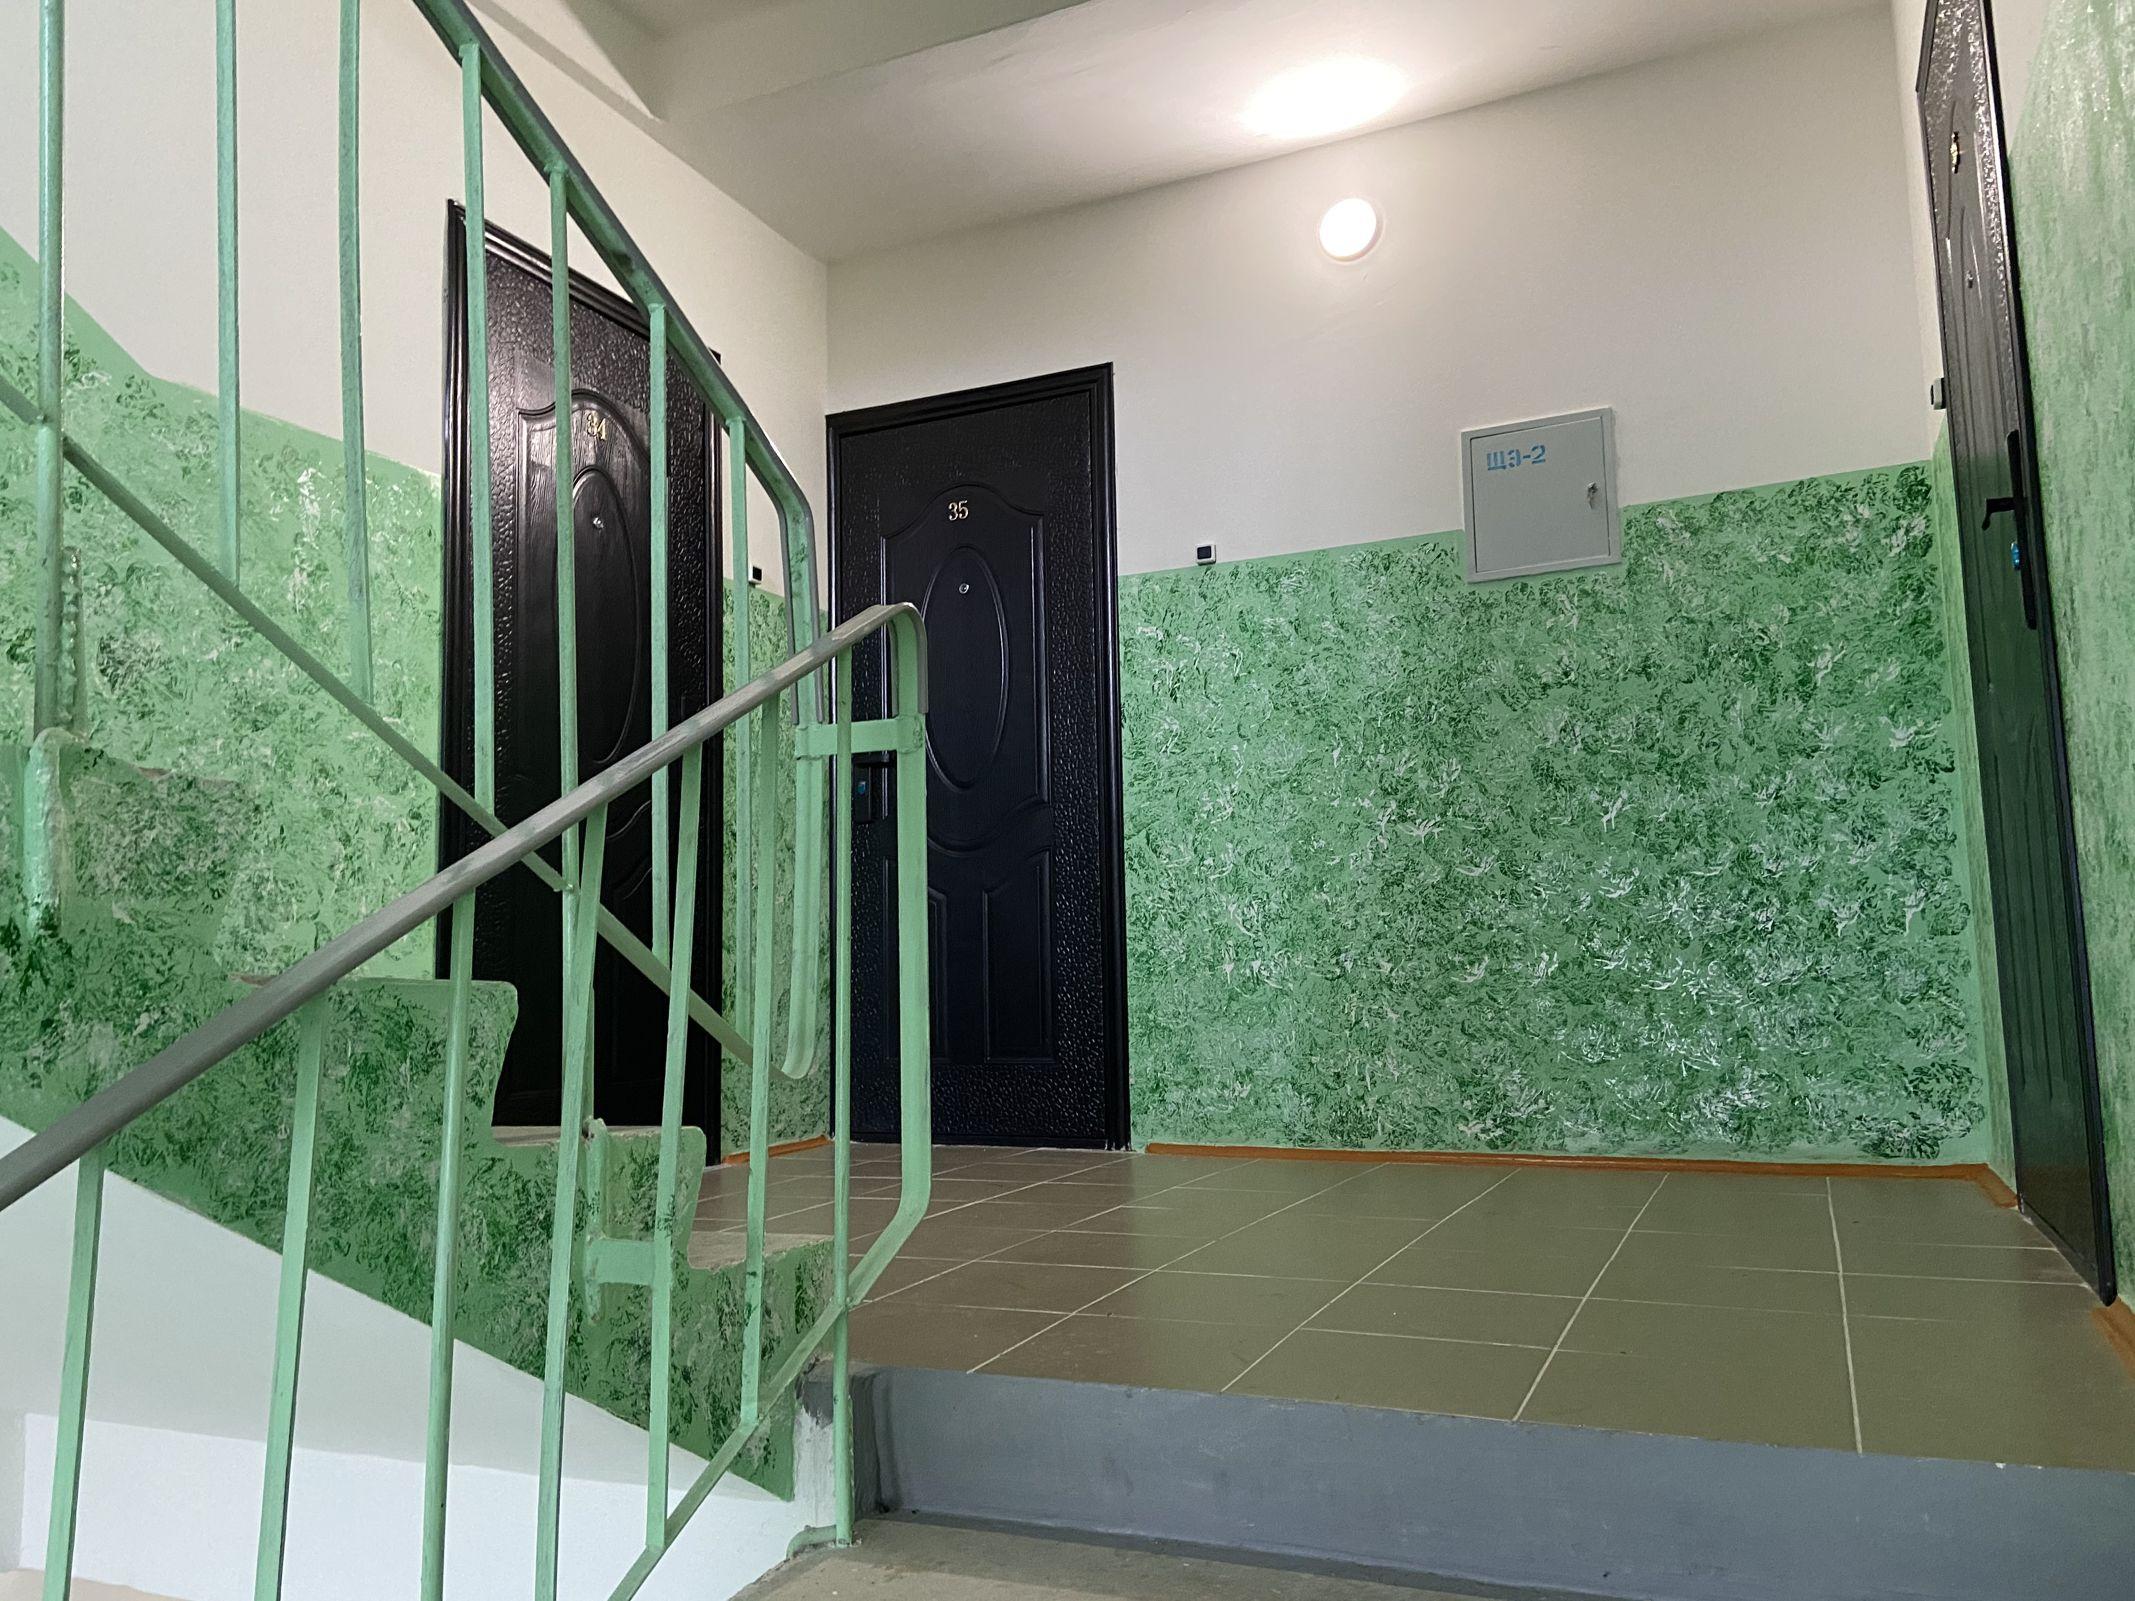 85 жителей Некоузского района переехали из аварийных домов в новостройки